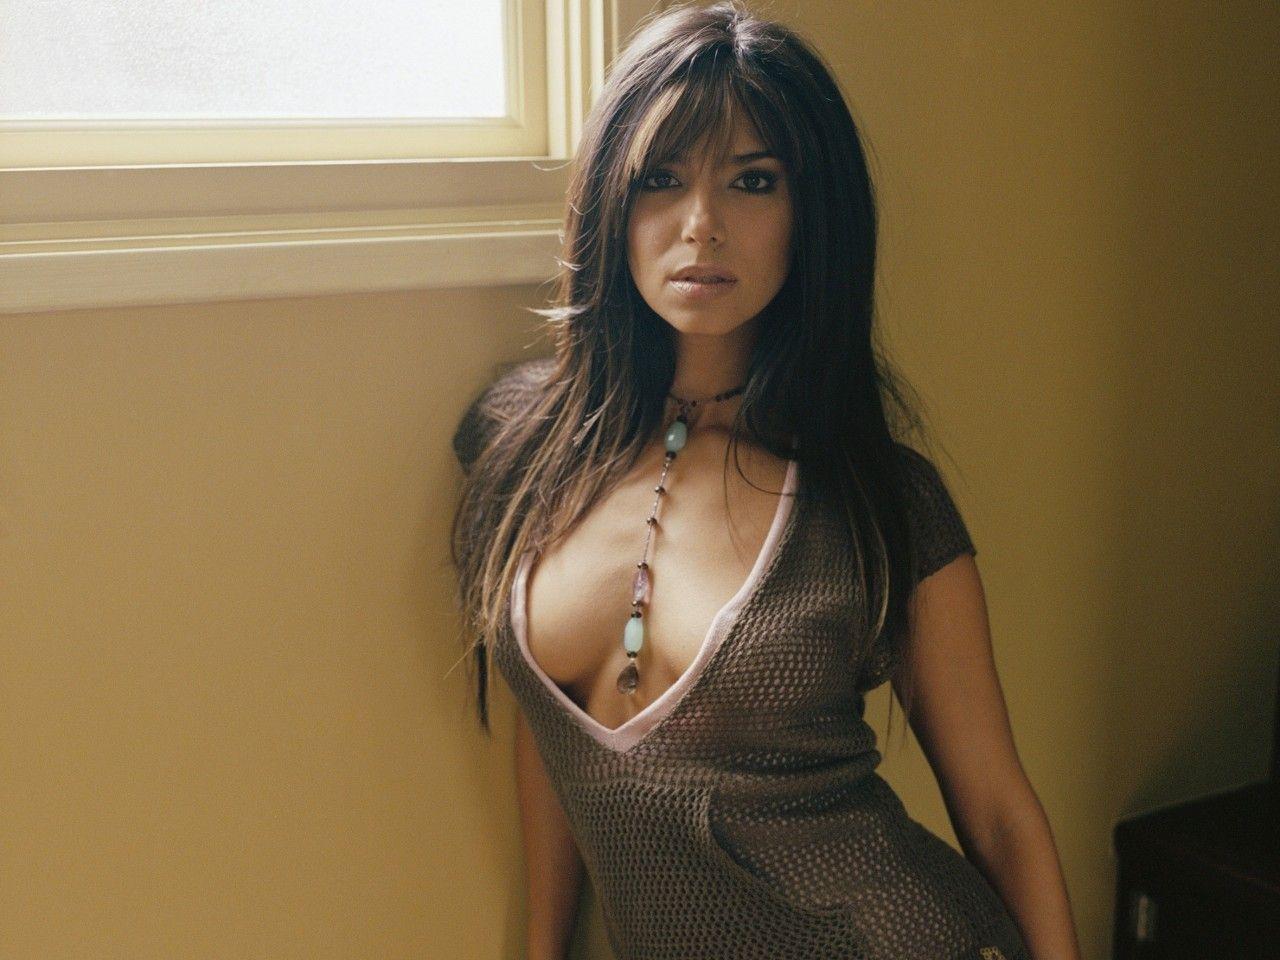 Patricia Velasquez Hot Image